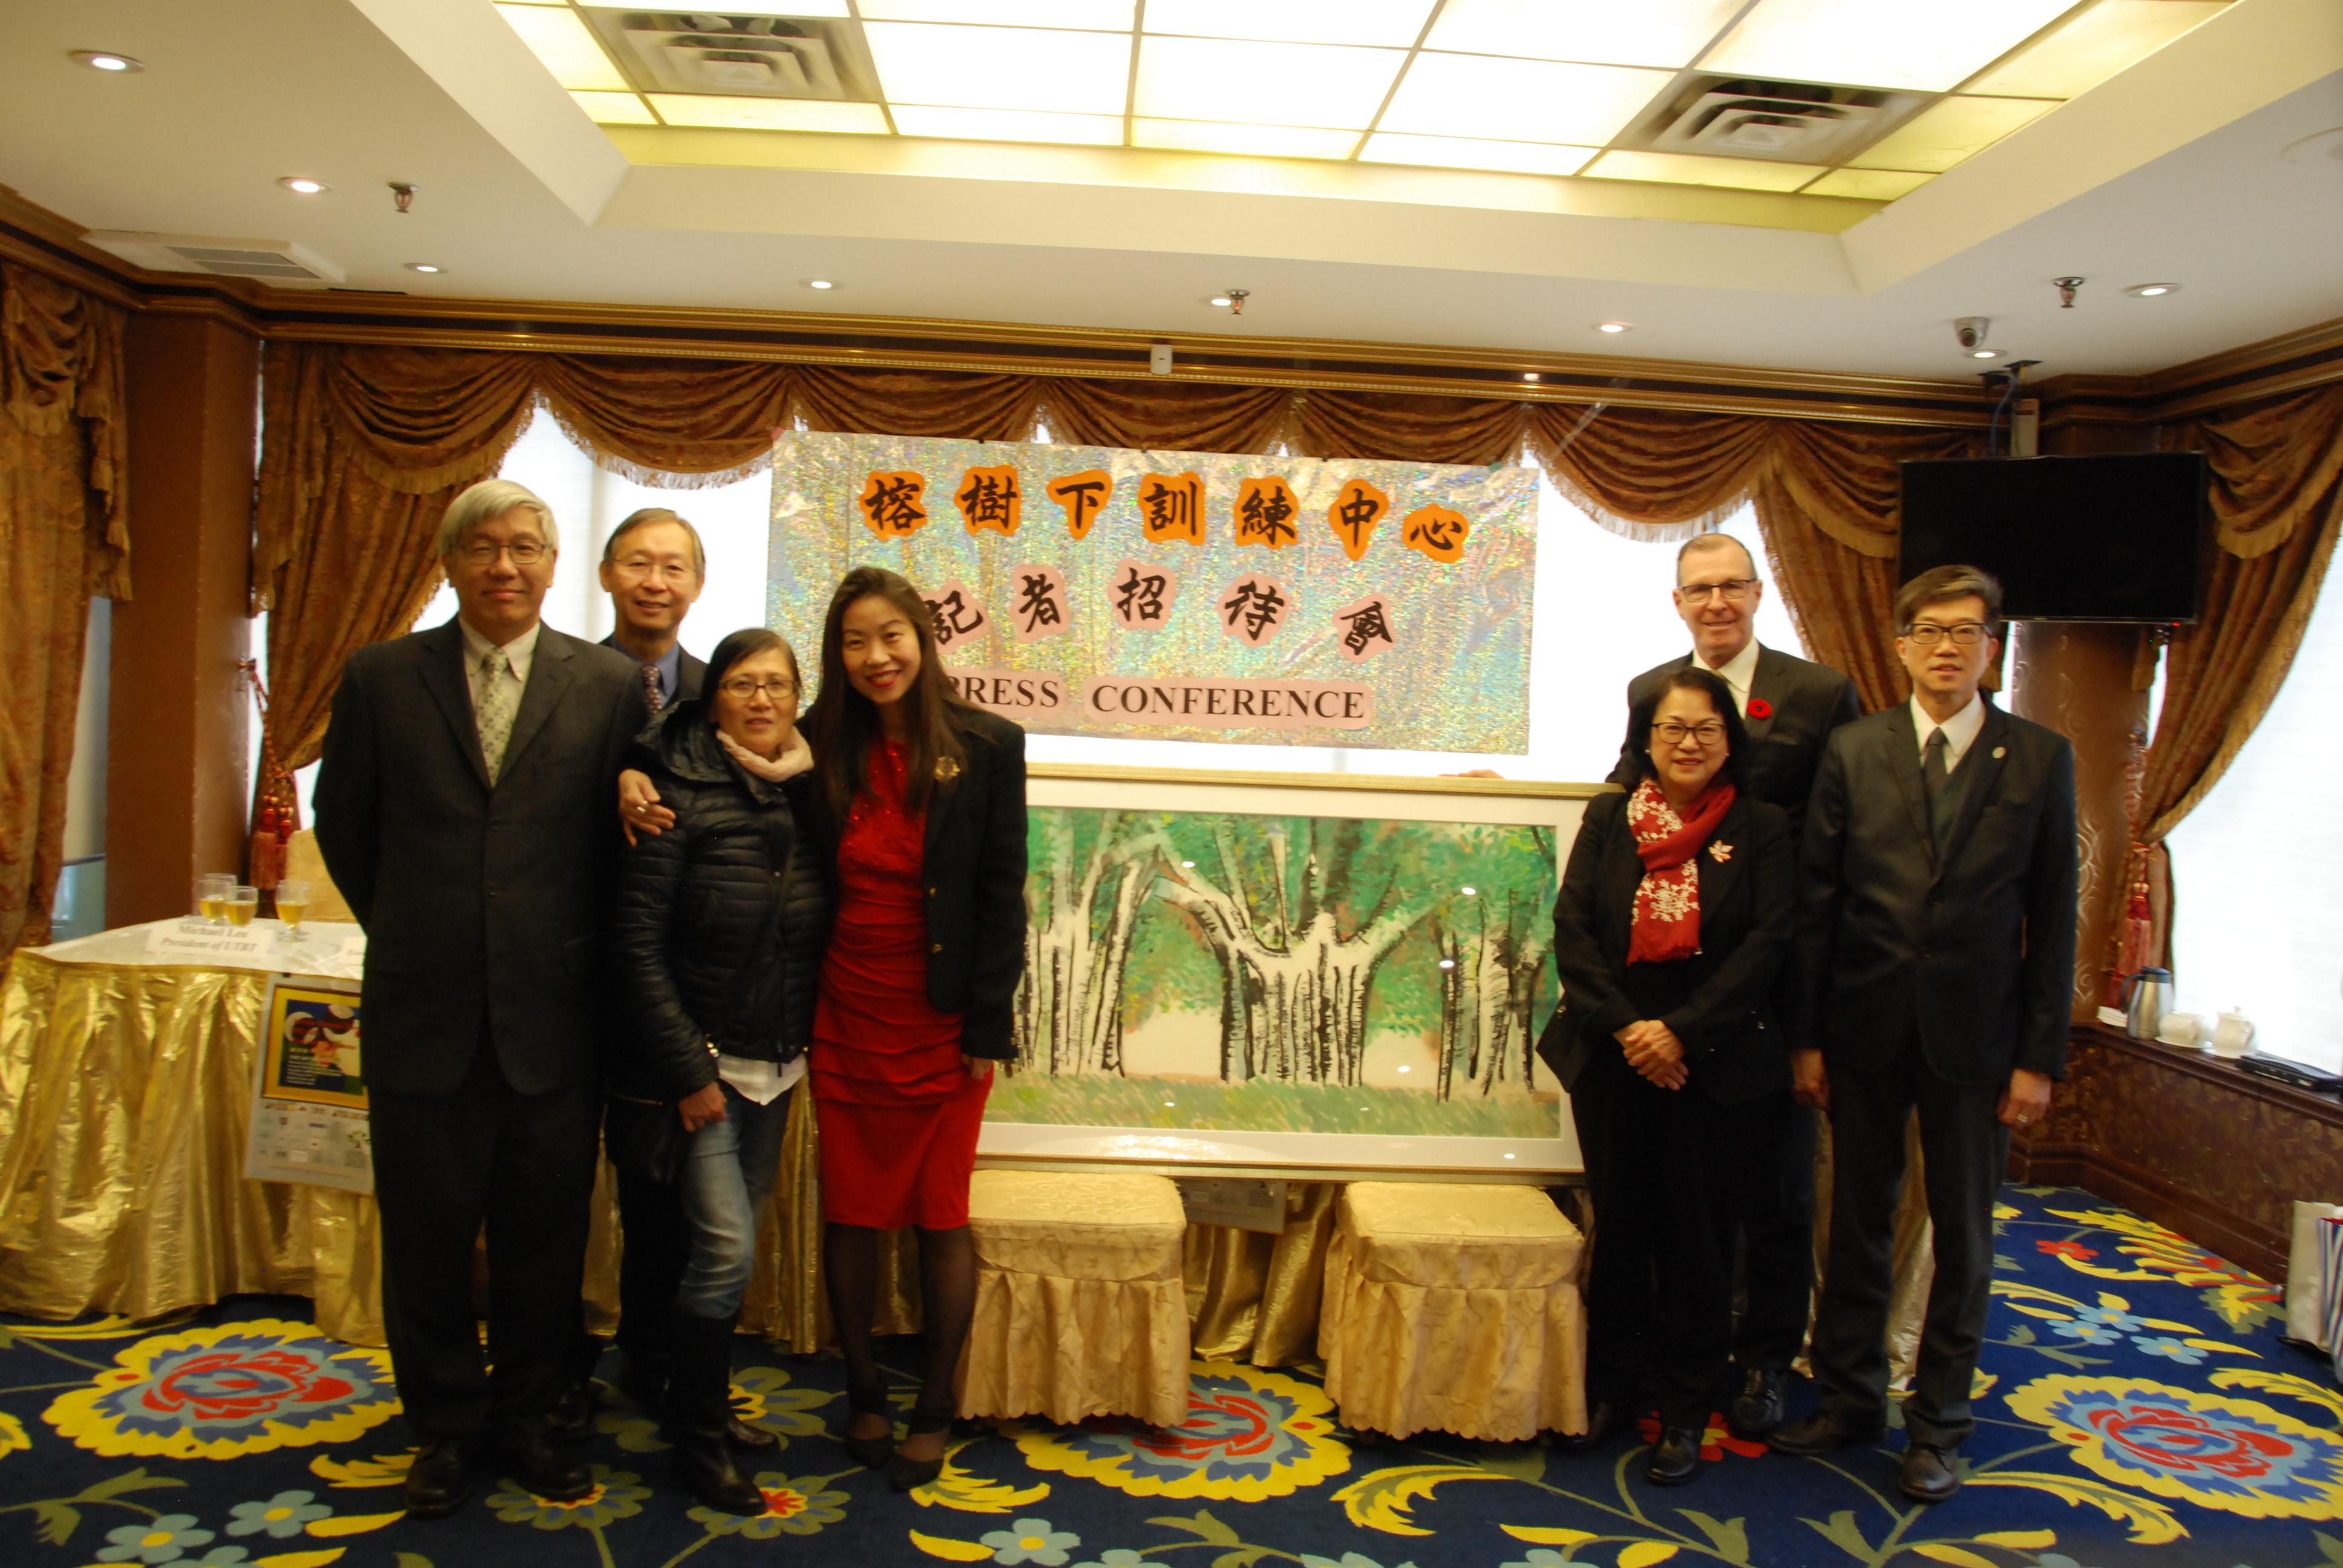 榕树下训练中心将于11月25日举行2017年筹款晚宴,以支持中心运作。(伊铃/大纪元)